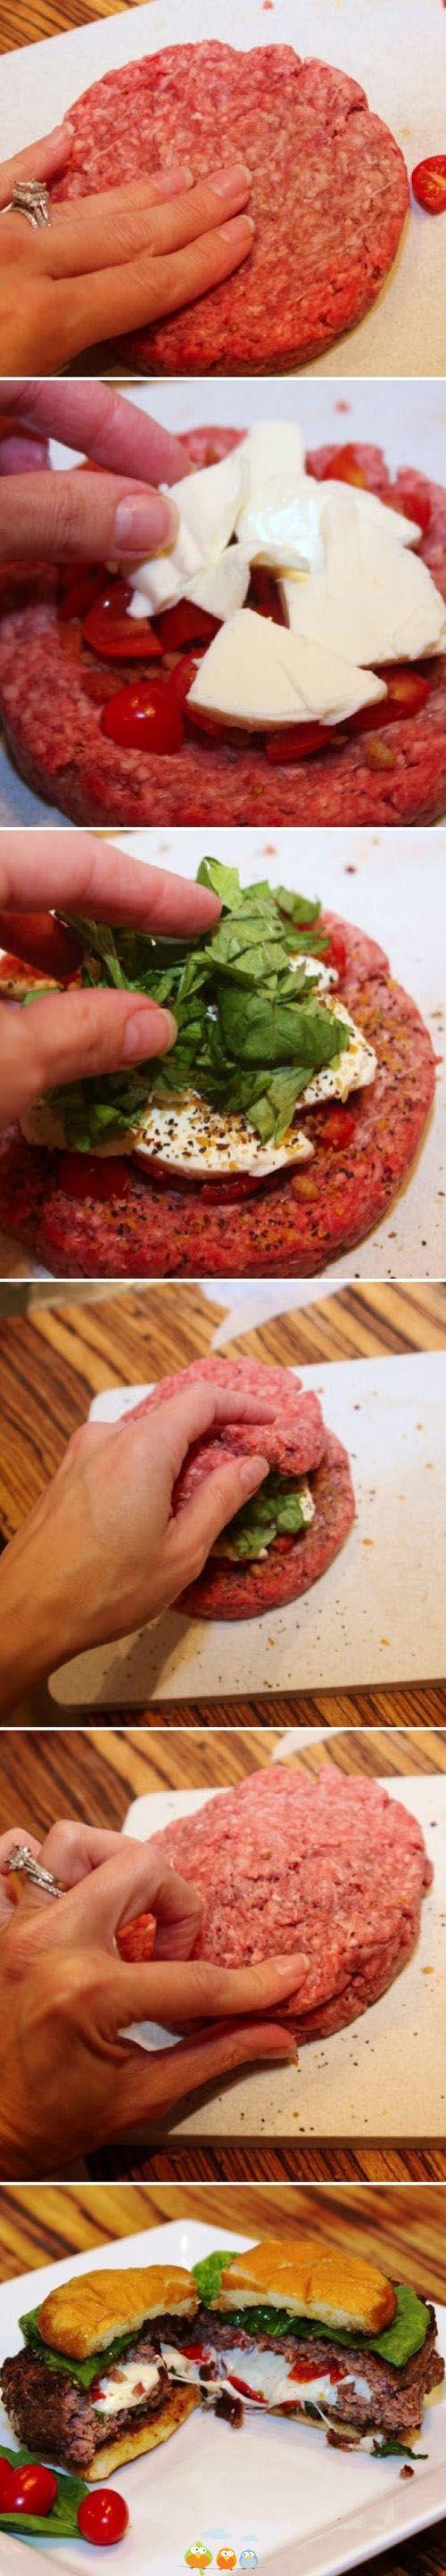 Steak haché au fromage basilic et tomate